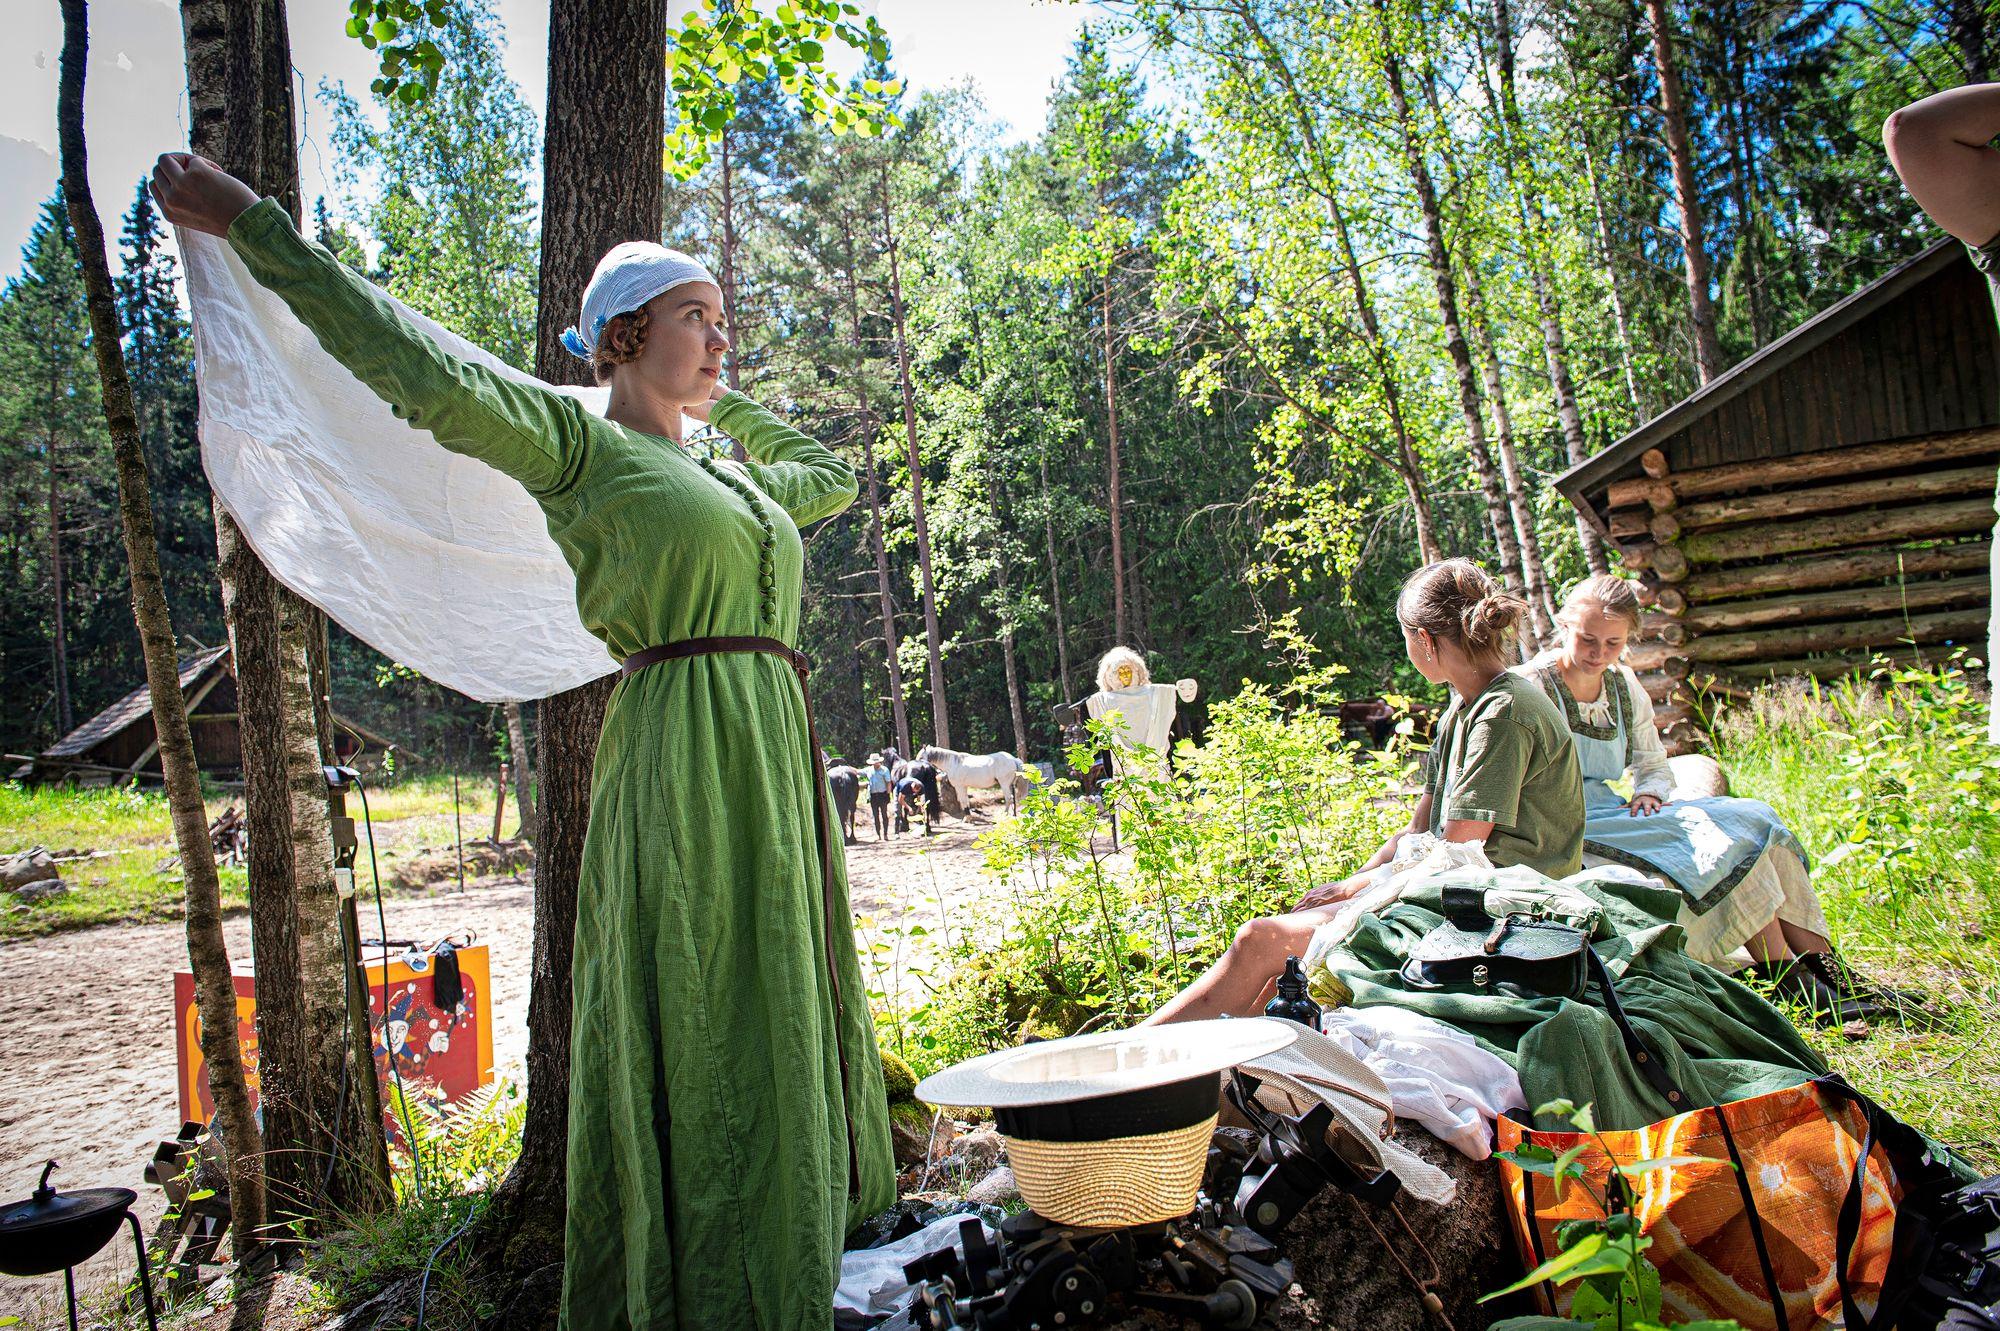 Tenebris-esitys toteutetaan 20 vapaaehtoisen voimin. Etualalla kenraaliharjoitukseen valmistautuu Kirsi Lahtinen, joka on yksi kyläläisistä. © Shoja Lak